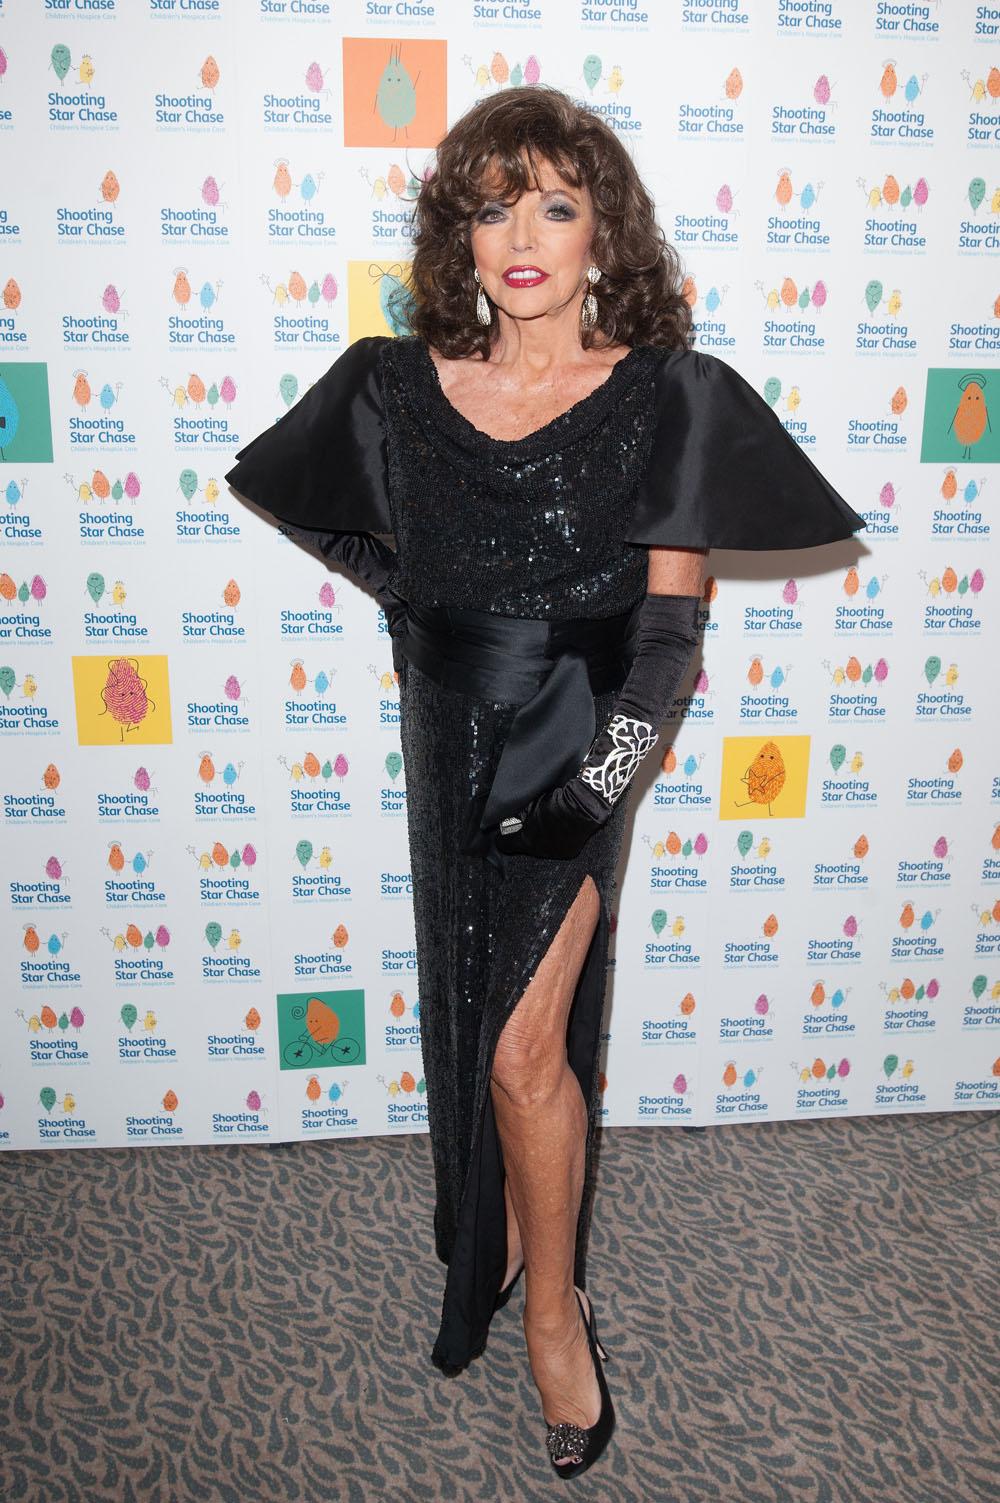 Cele bitchy   Joan Collins: Globes fashion showed a 'sheep mentality ... Sandra Bullock